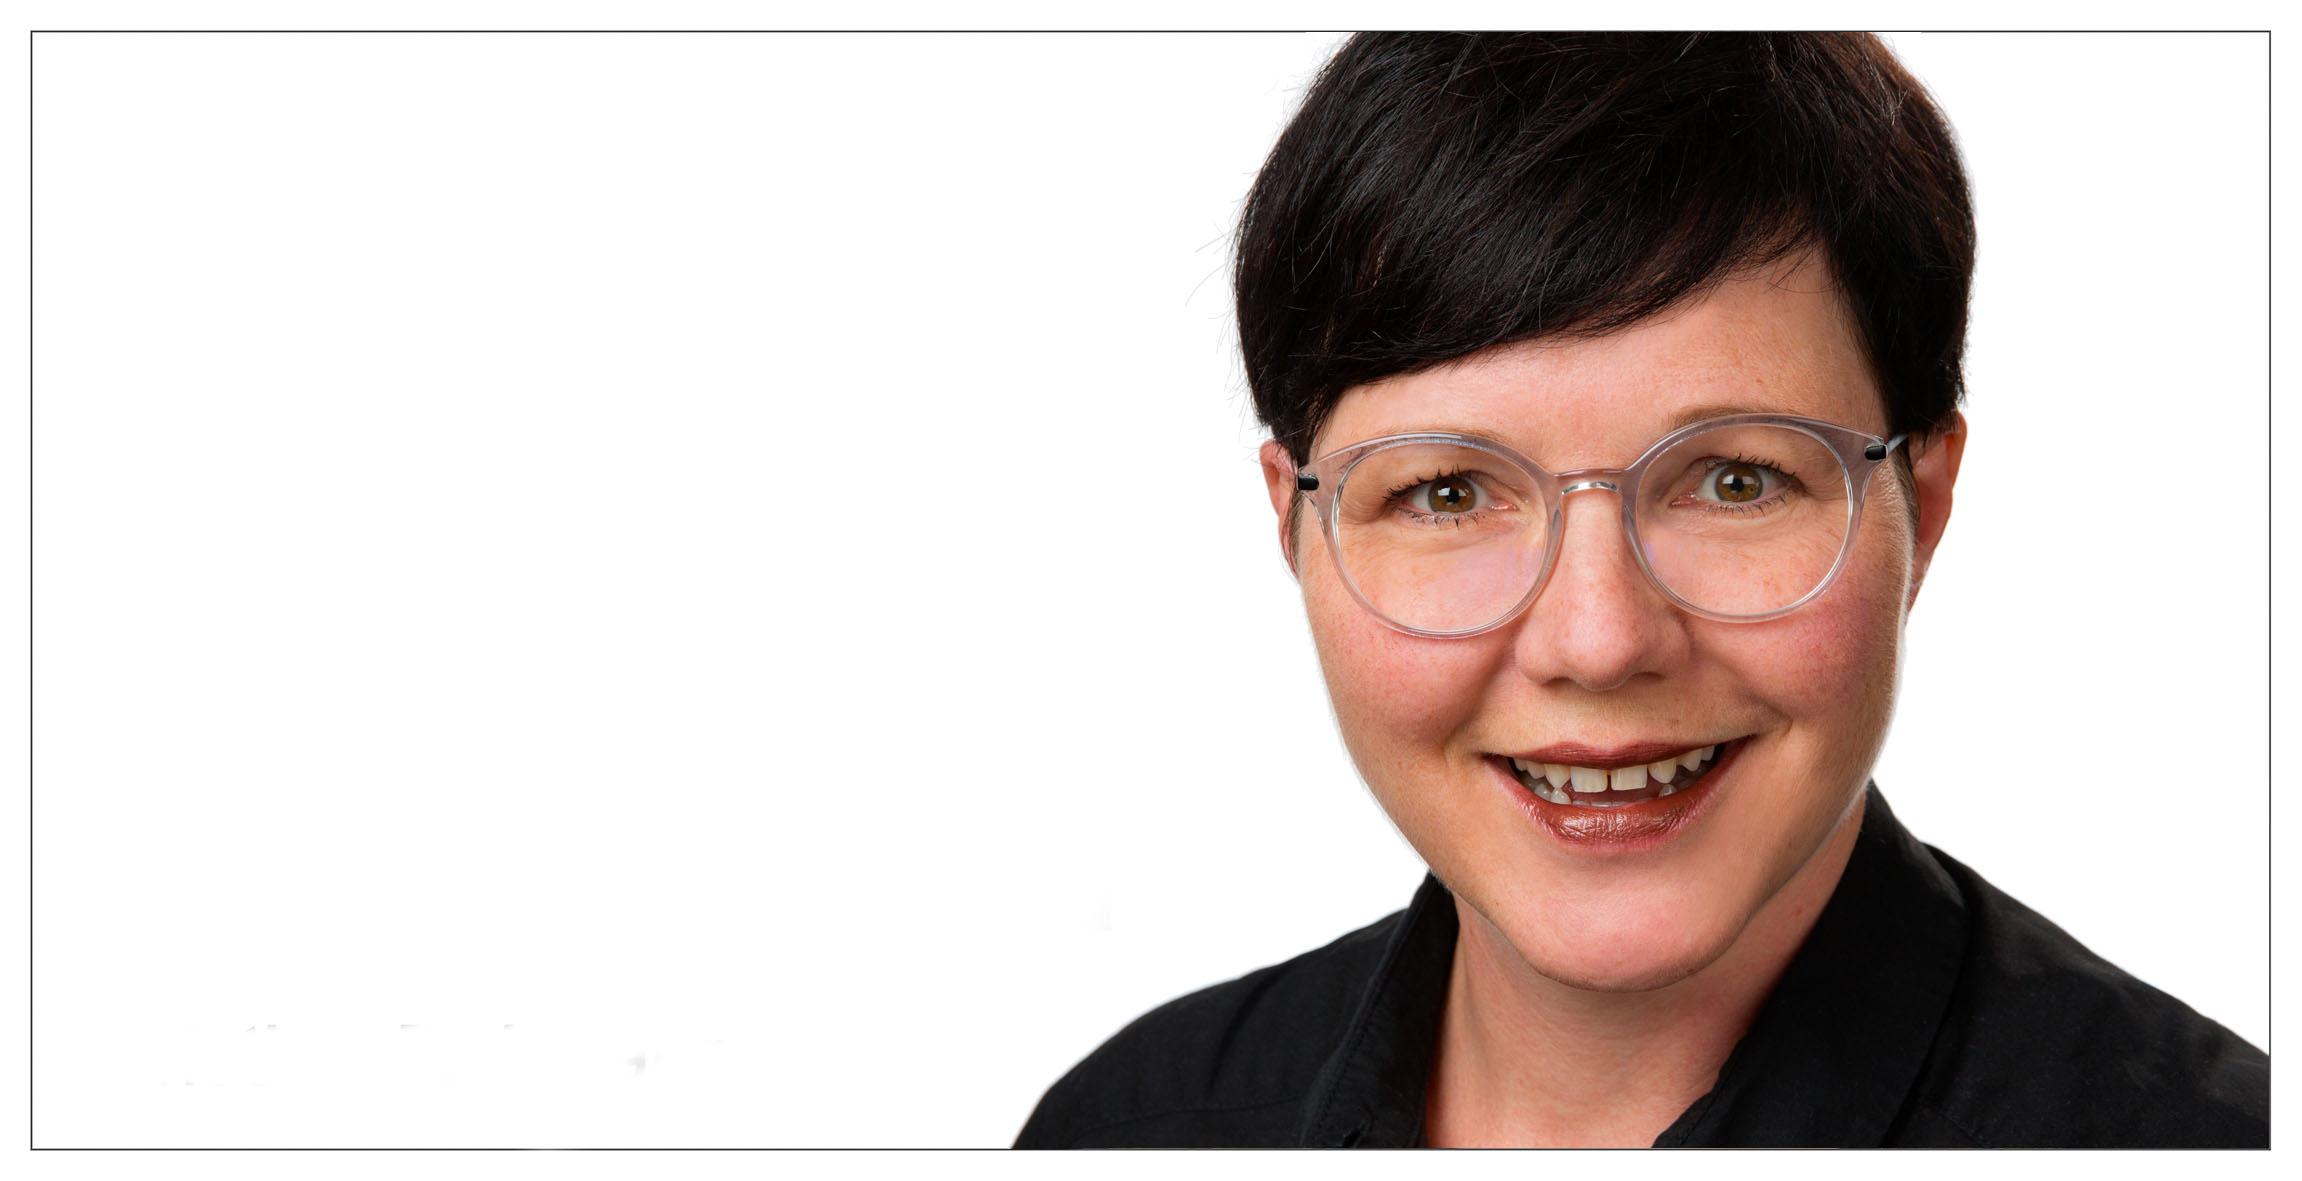 Nicole Peschke